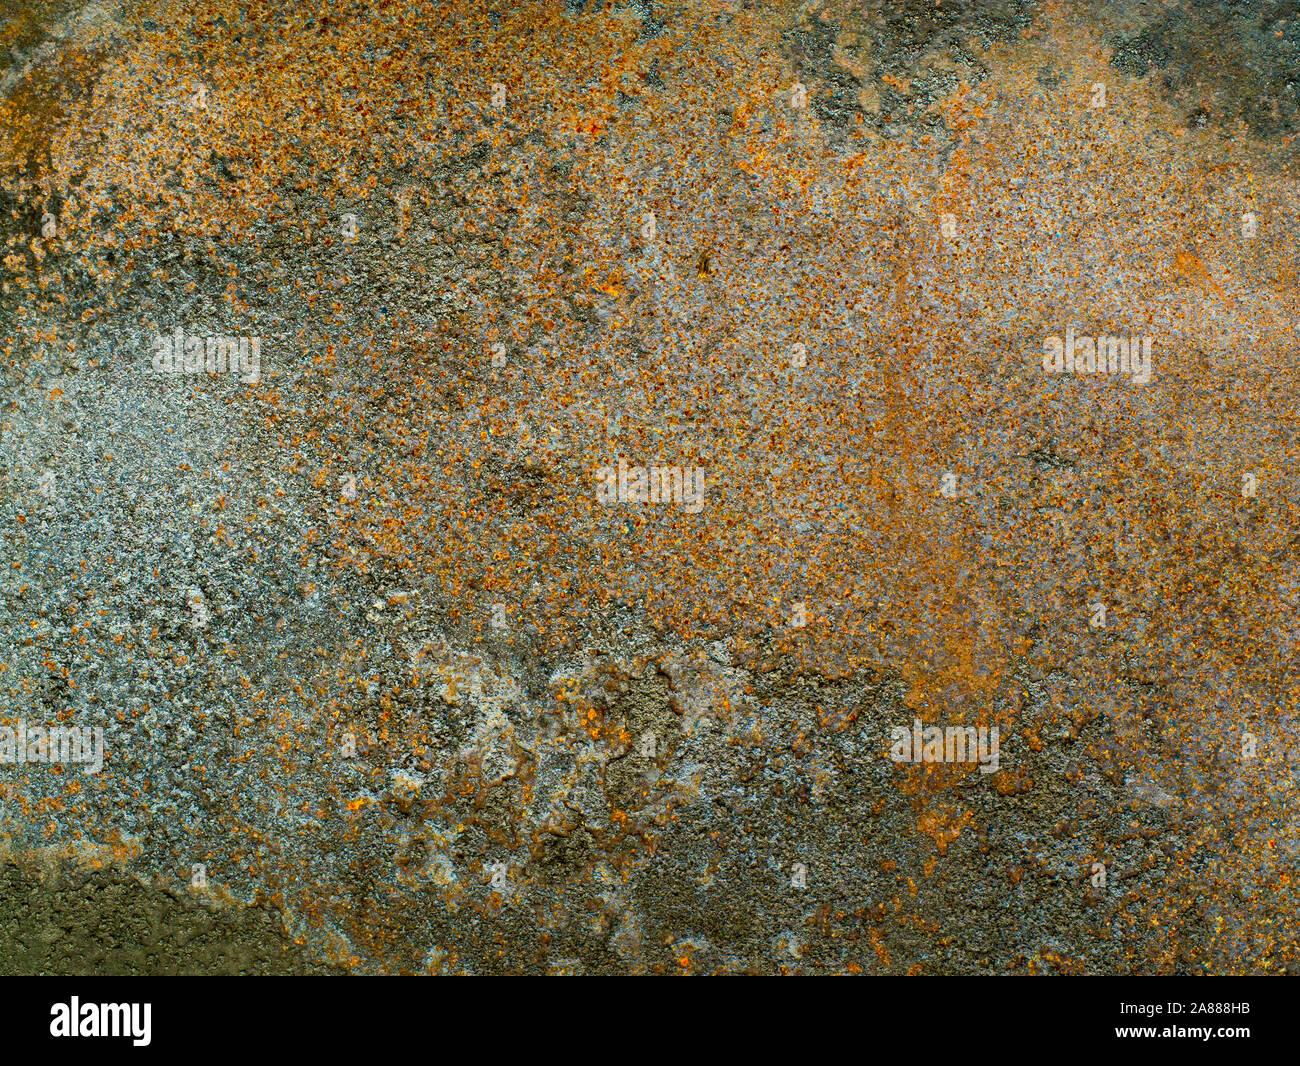 Old rusty brown plaque métallique est vieux et rouillés. fond métallique. texture de grungy châssis et tache de corrosion. Banque D'Images